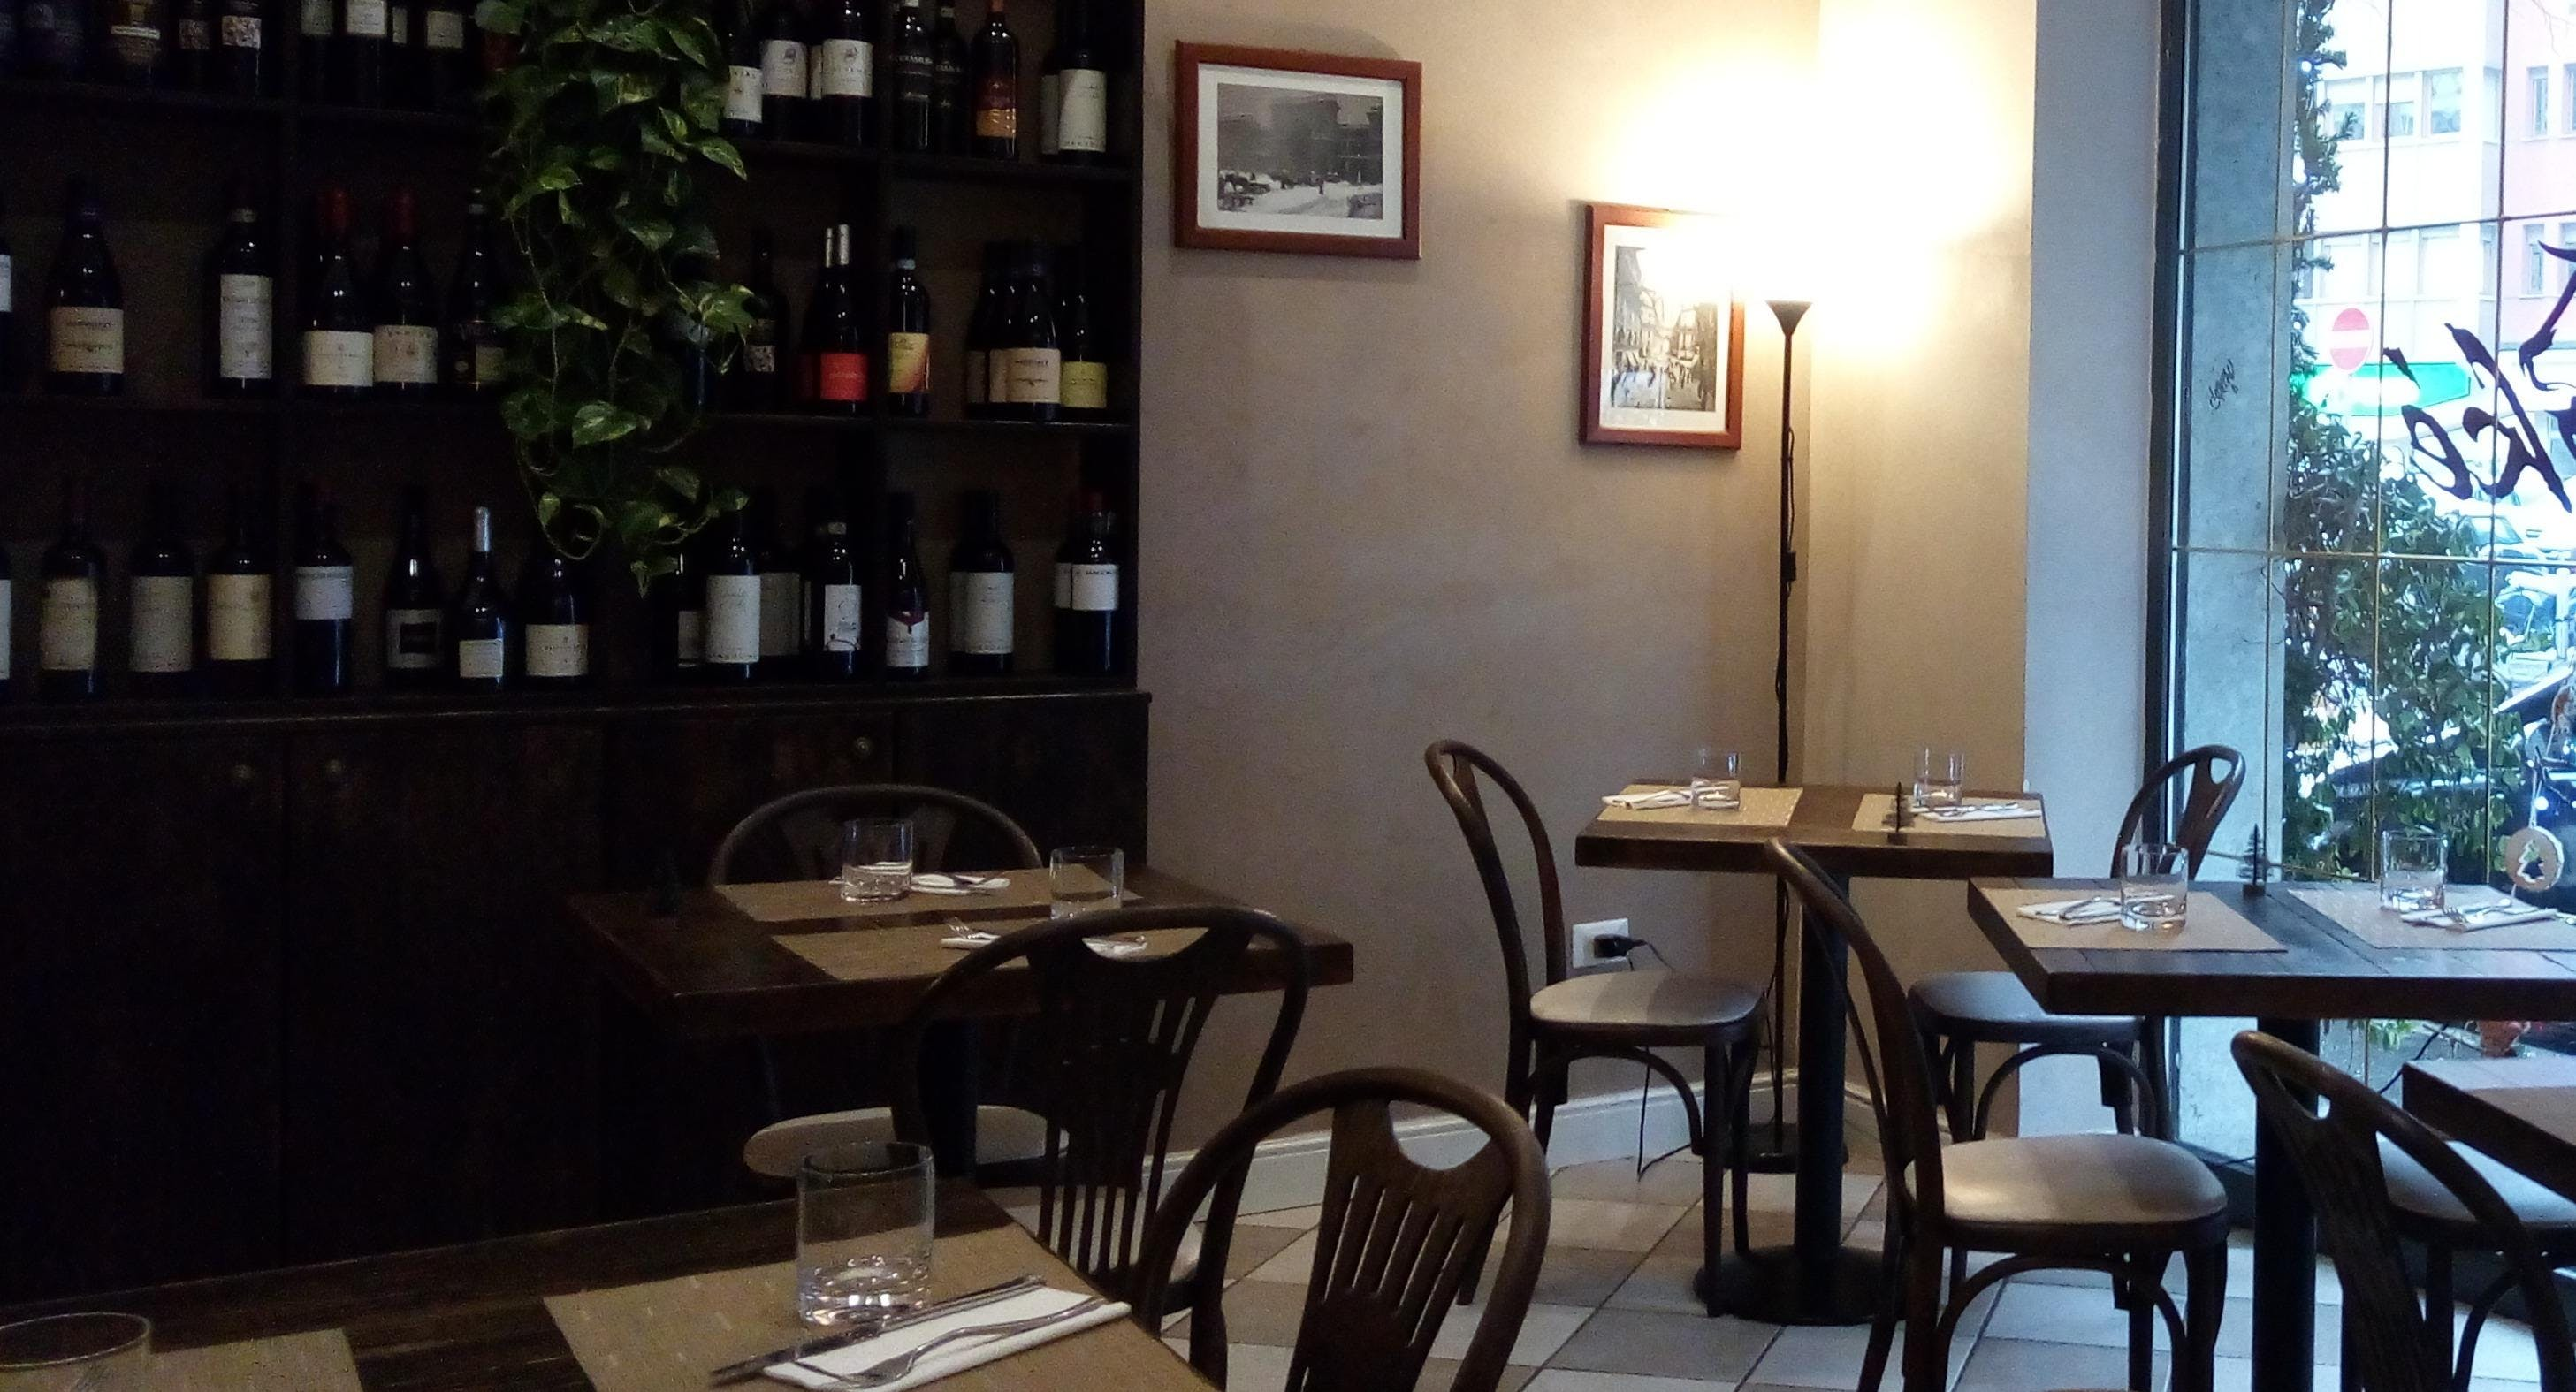 Altrokè Milan image 1